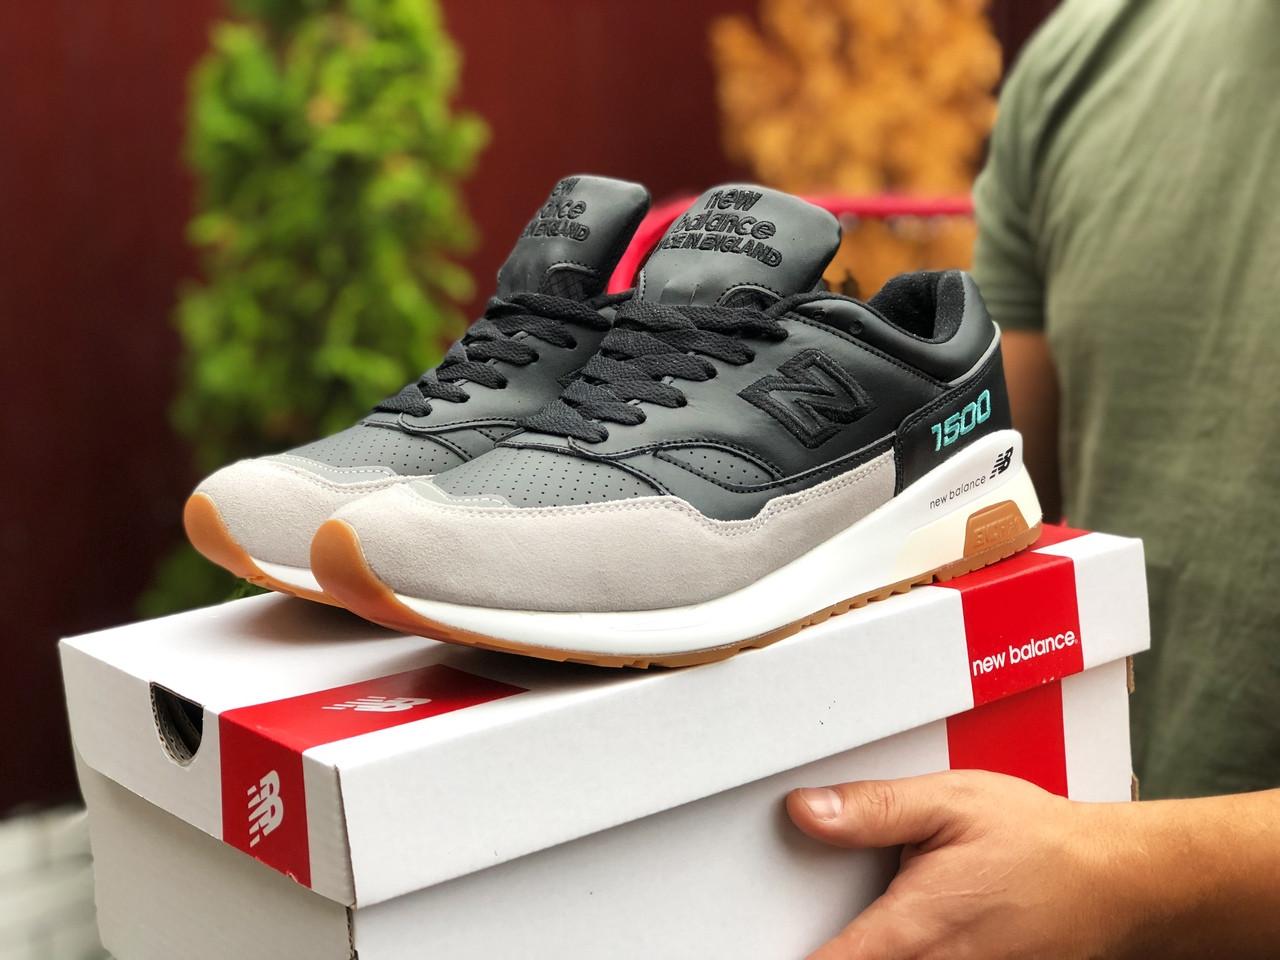 Мужские кроссовки New Balance 1500 (черно-бежевые) 9904